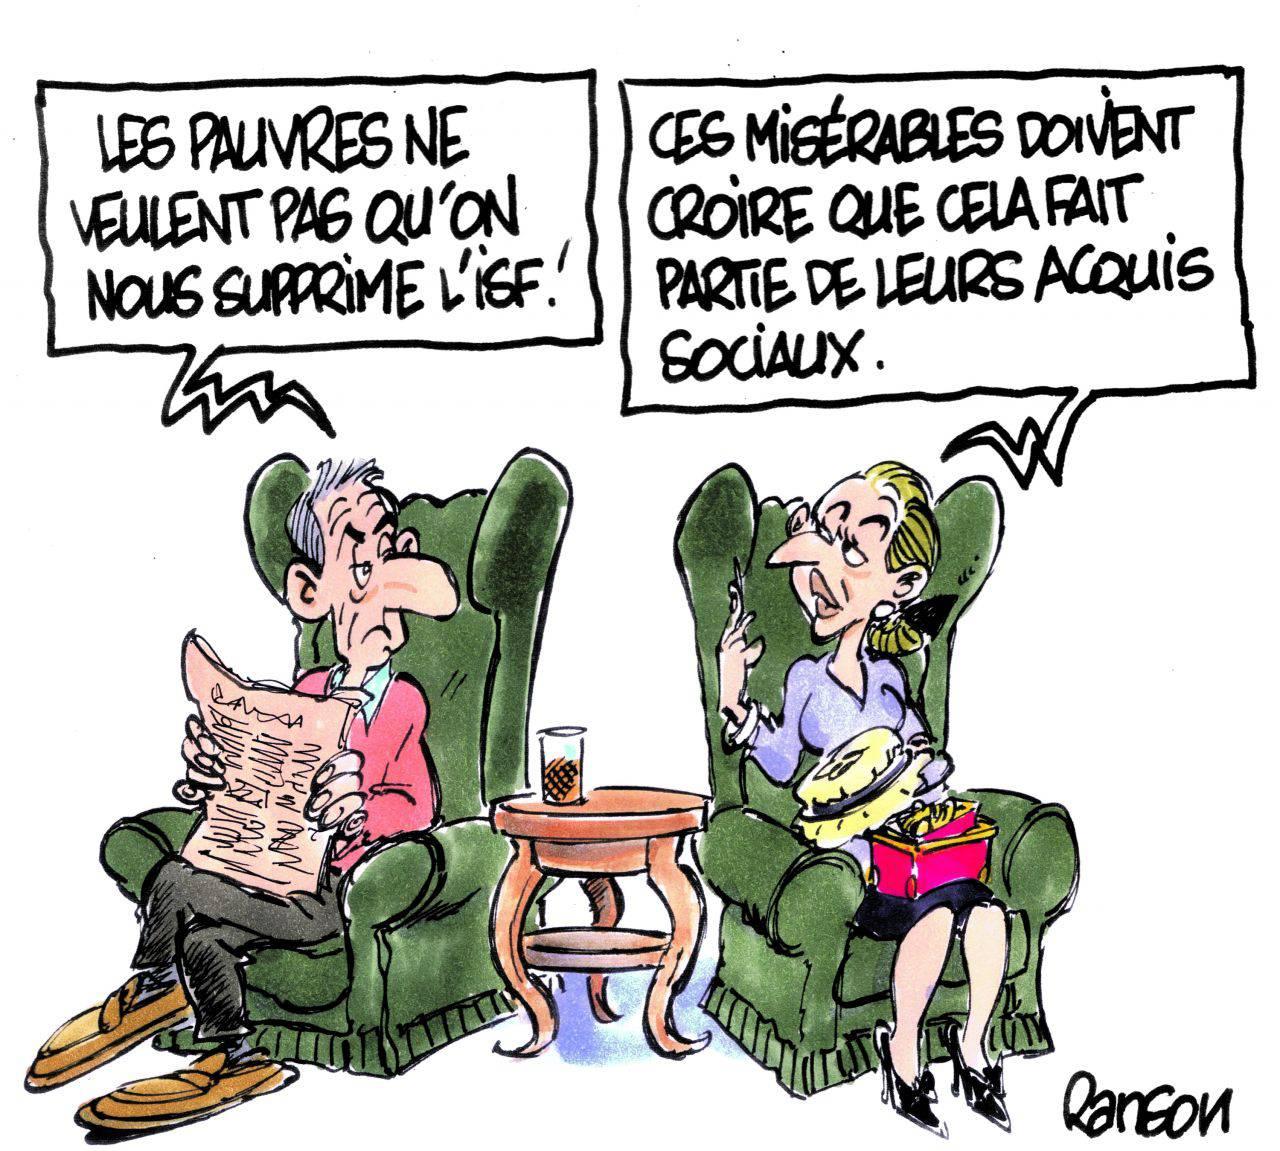 La France donne près de 200 milliards aux sangsues mais les gauchos s'attaquent à l'ISF…